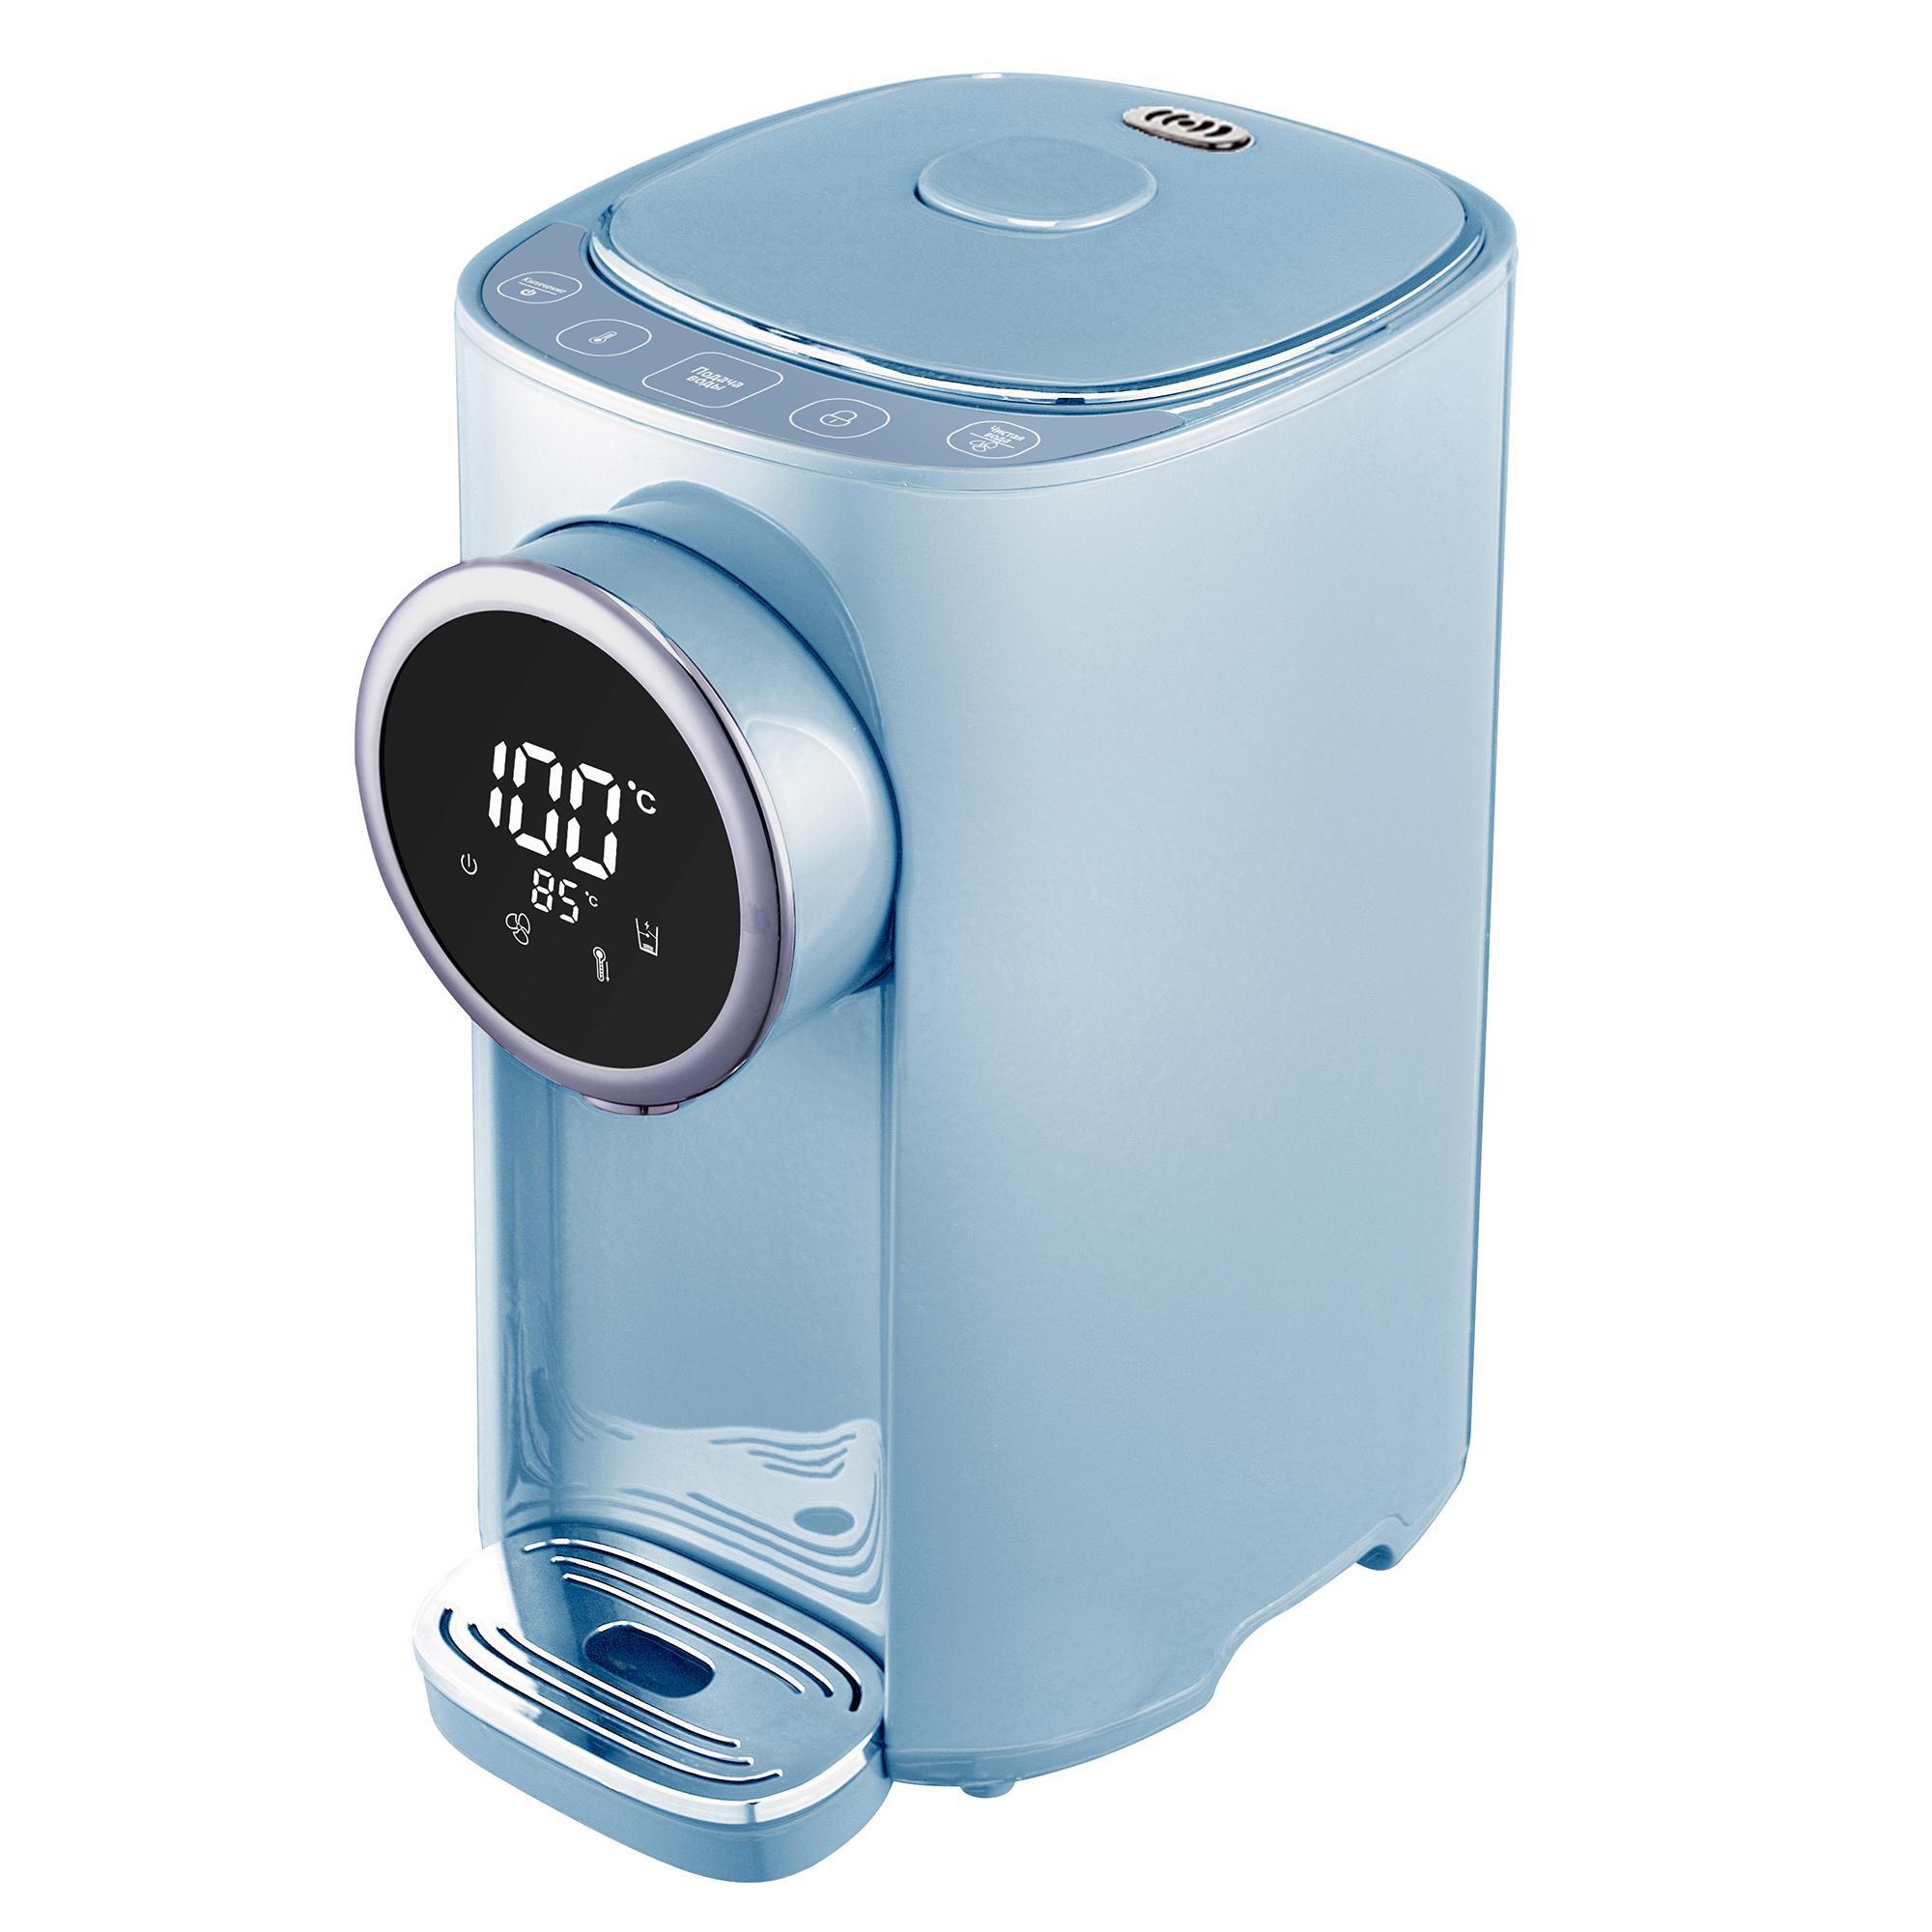 Термопот Tesler TP-5055 Sky Blue 5 литров, 1200 Вт, быстрое кипячение/охлаждение, корпус - пластик, колба - нерж. сталь